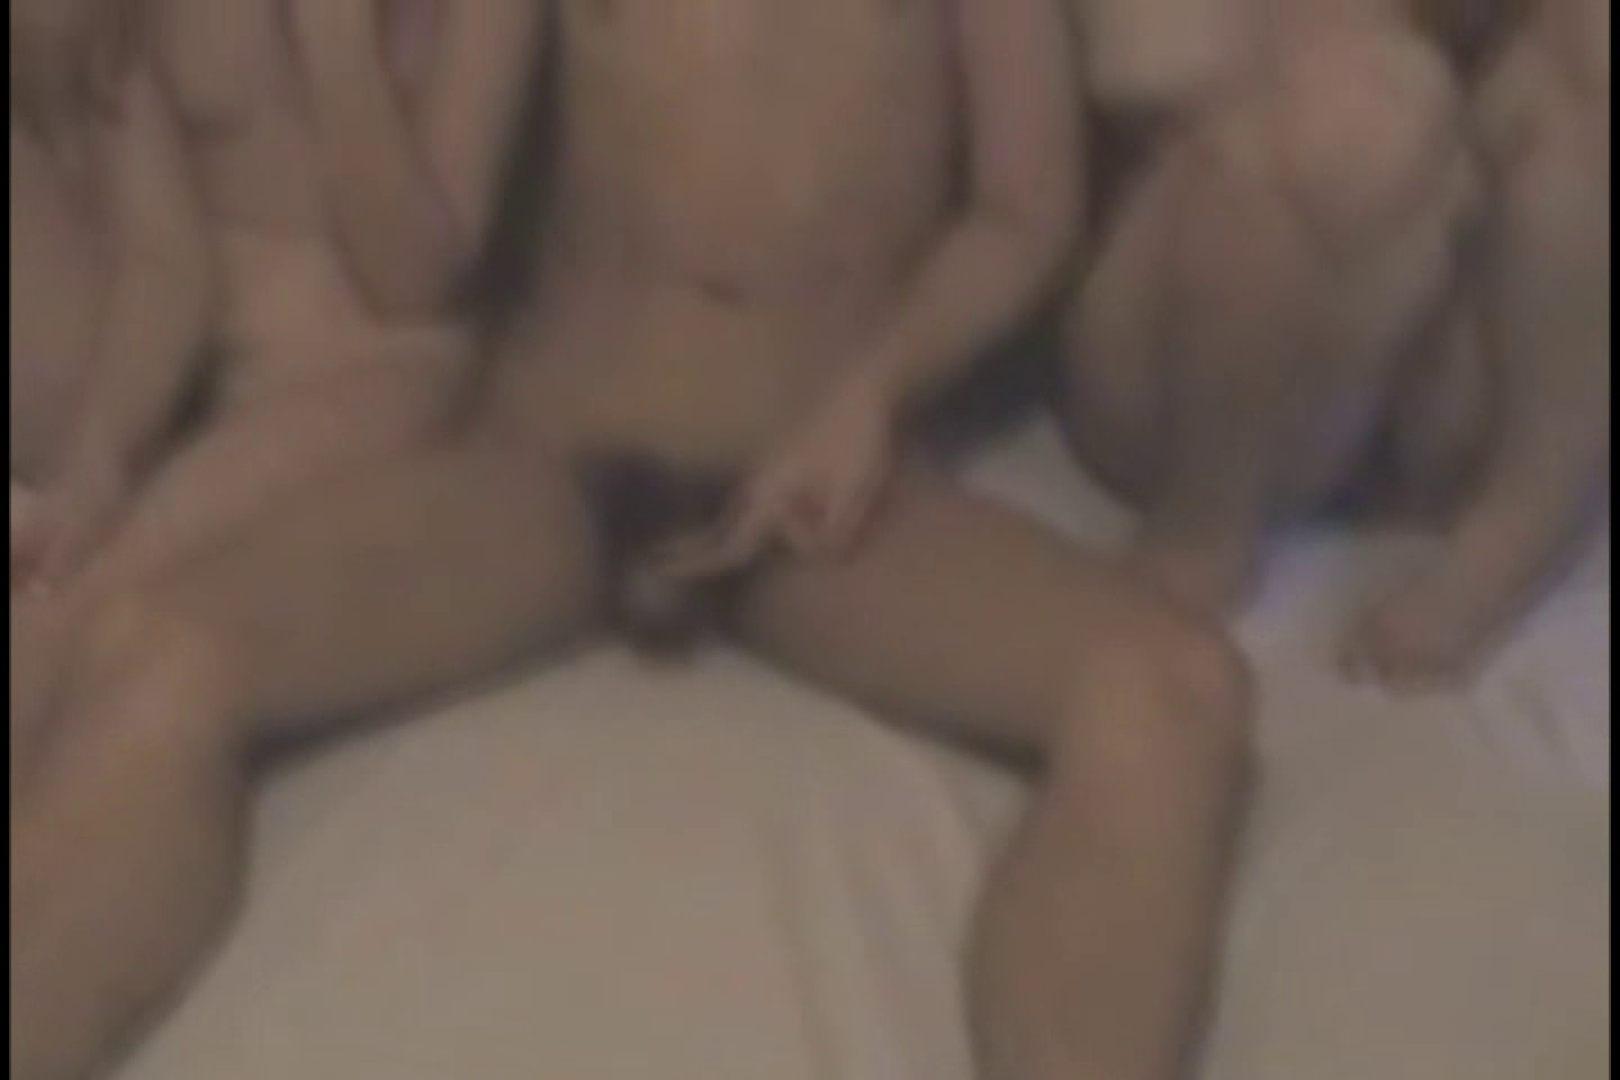 コリアン素人流出シリーズ 素人セフレ仲間でセックスパーティー 流出作品 盗み撮り動画 94pic 52